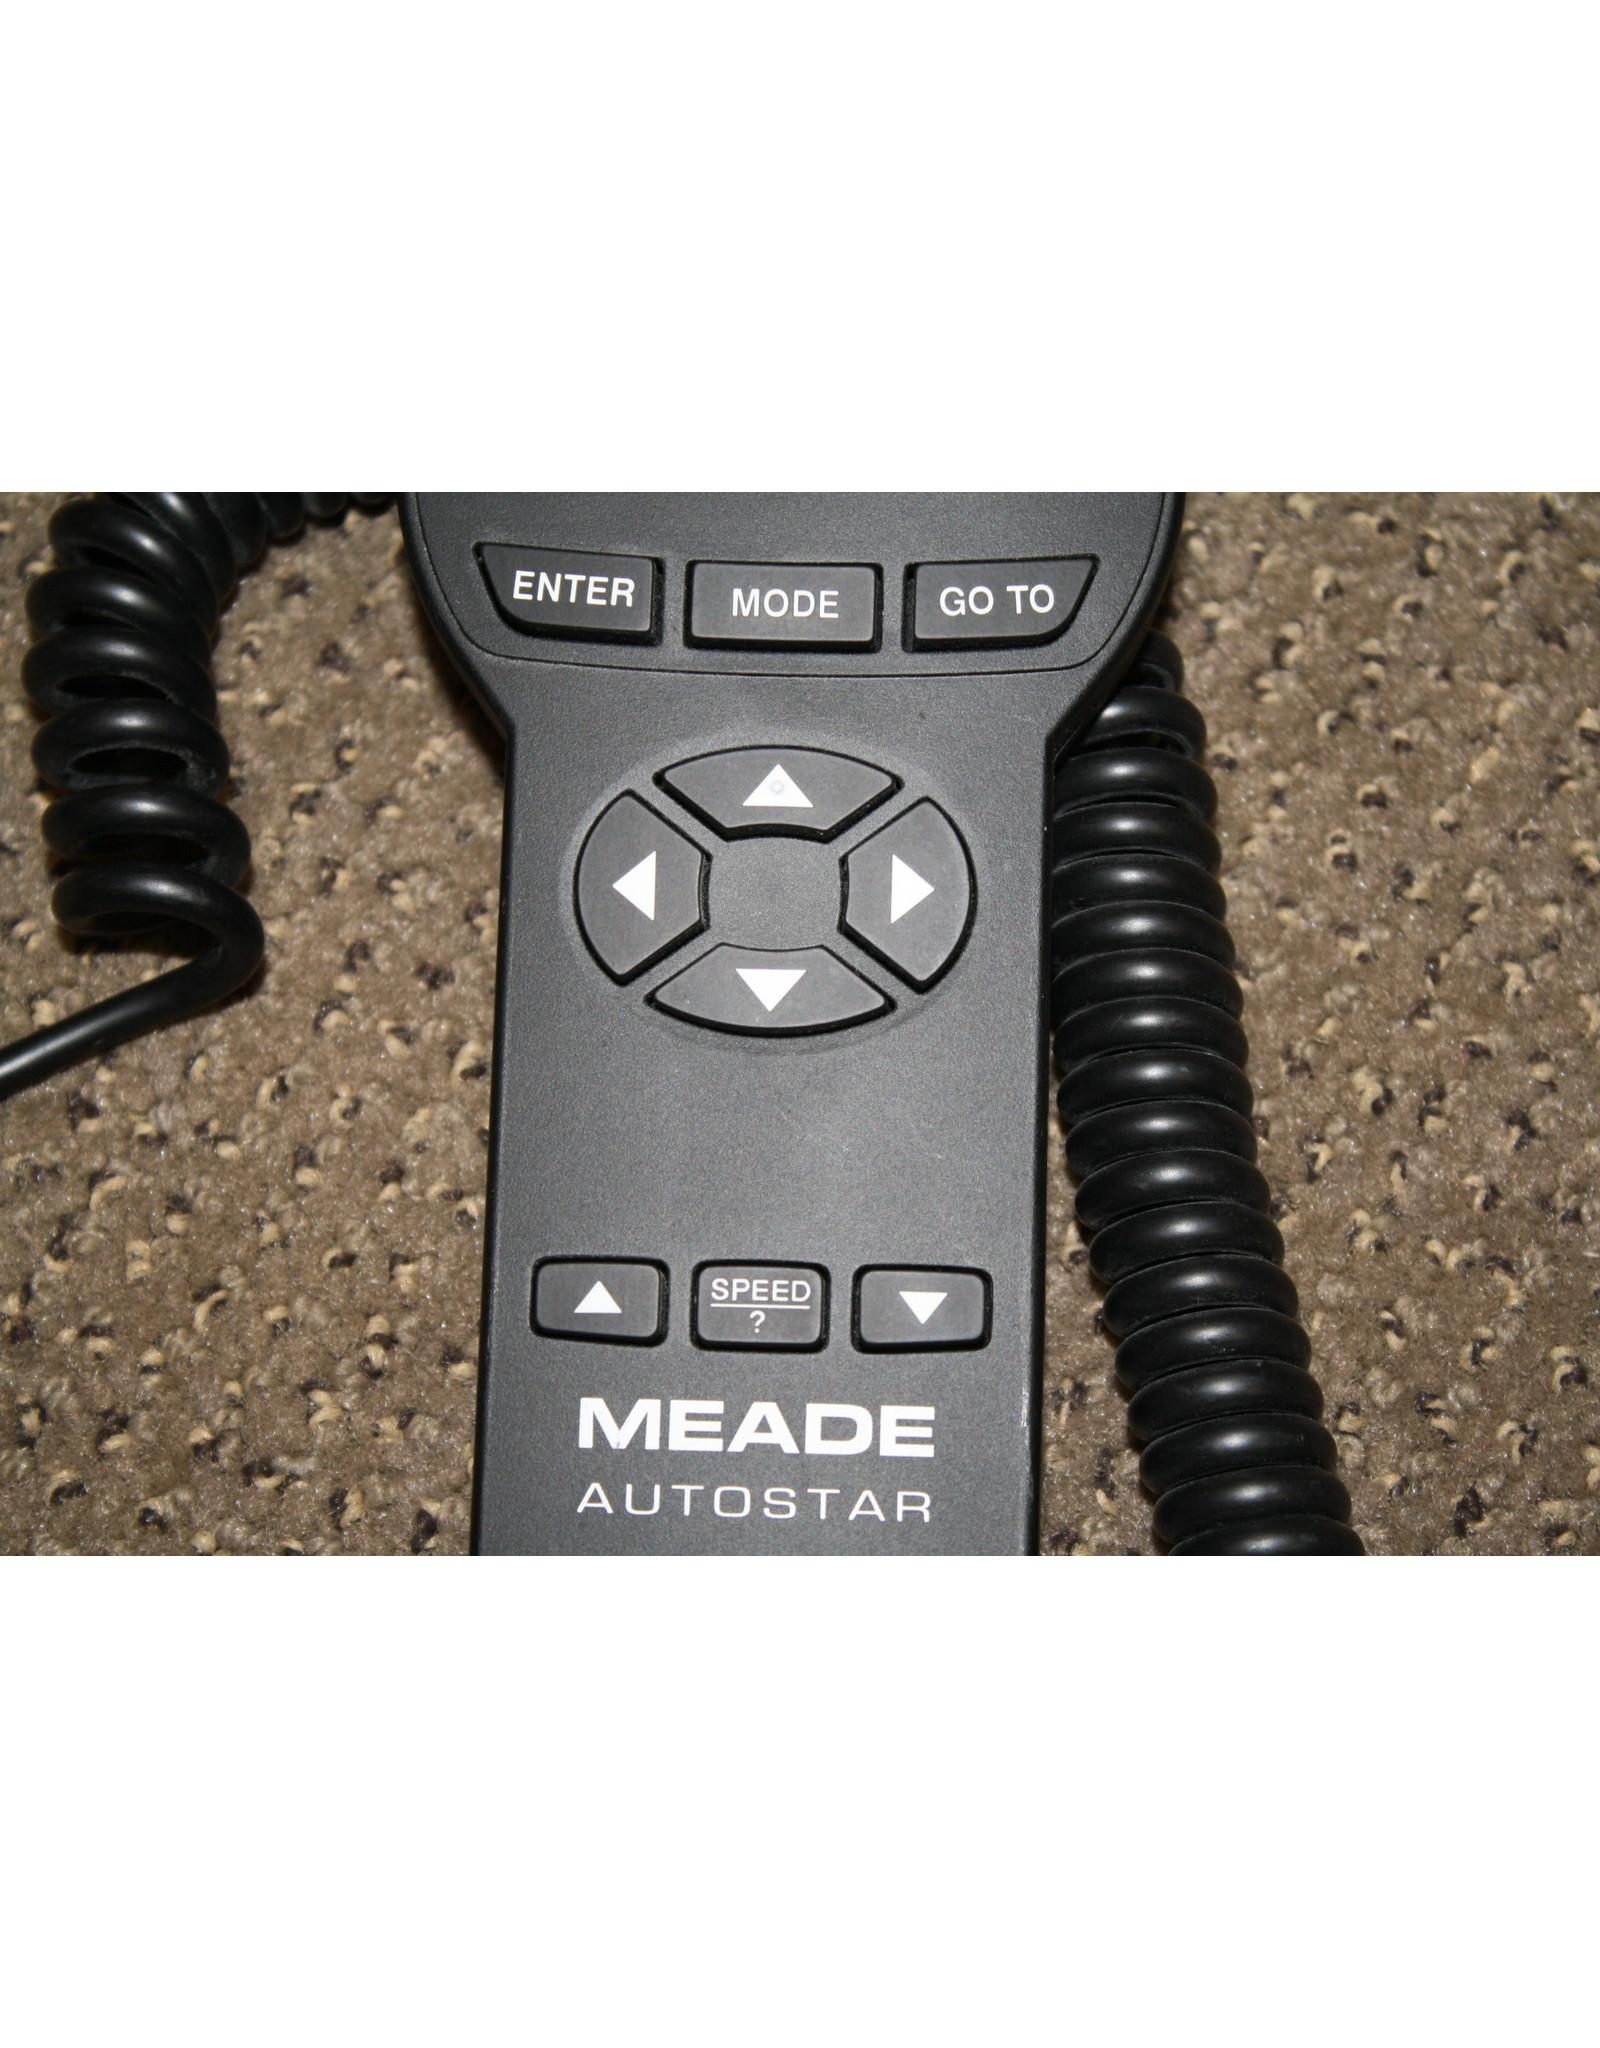 Meade Meade 494 Telescope computer controller 35-4700-03 - Autostar remote control (Pre-owned)